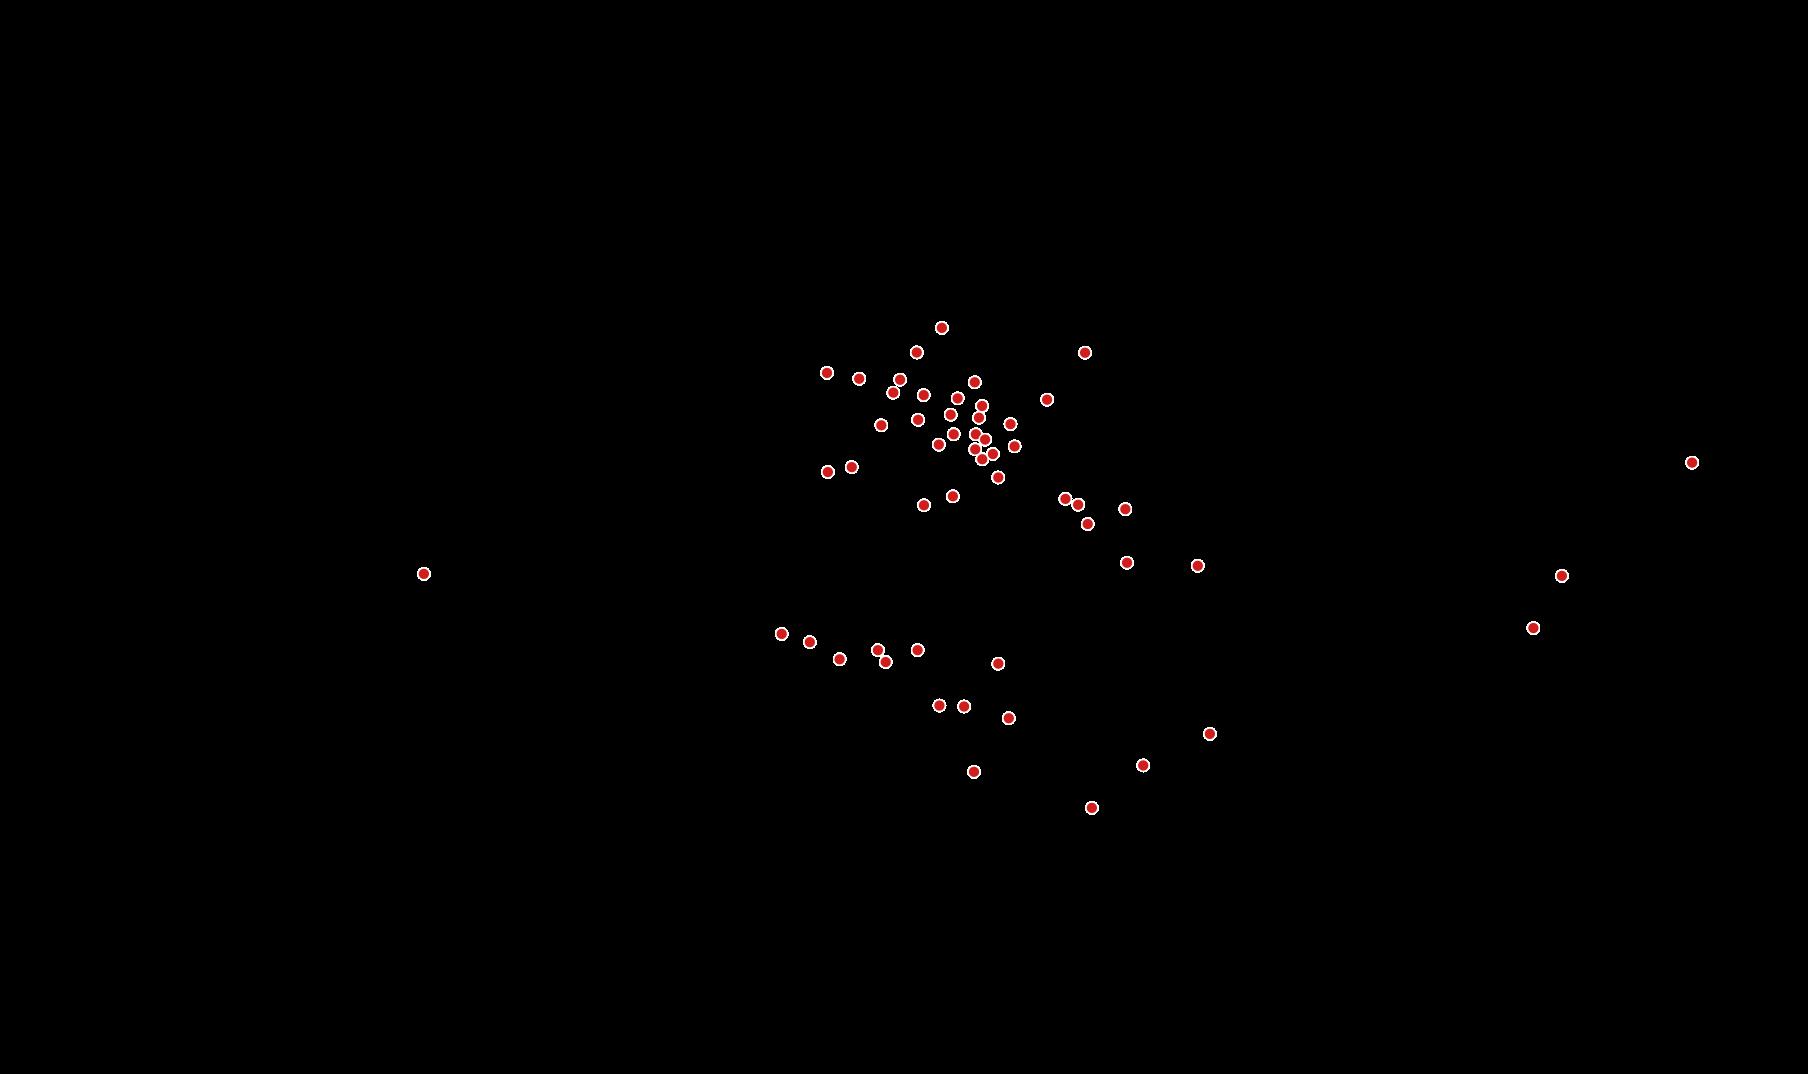 gruppo-veronesi-mappe-dove-siamo